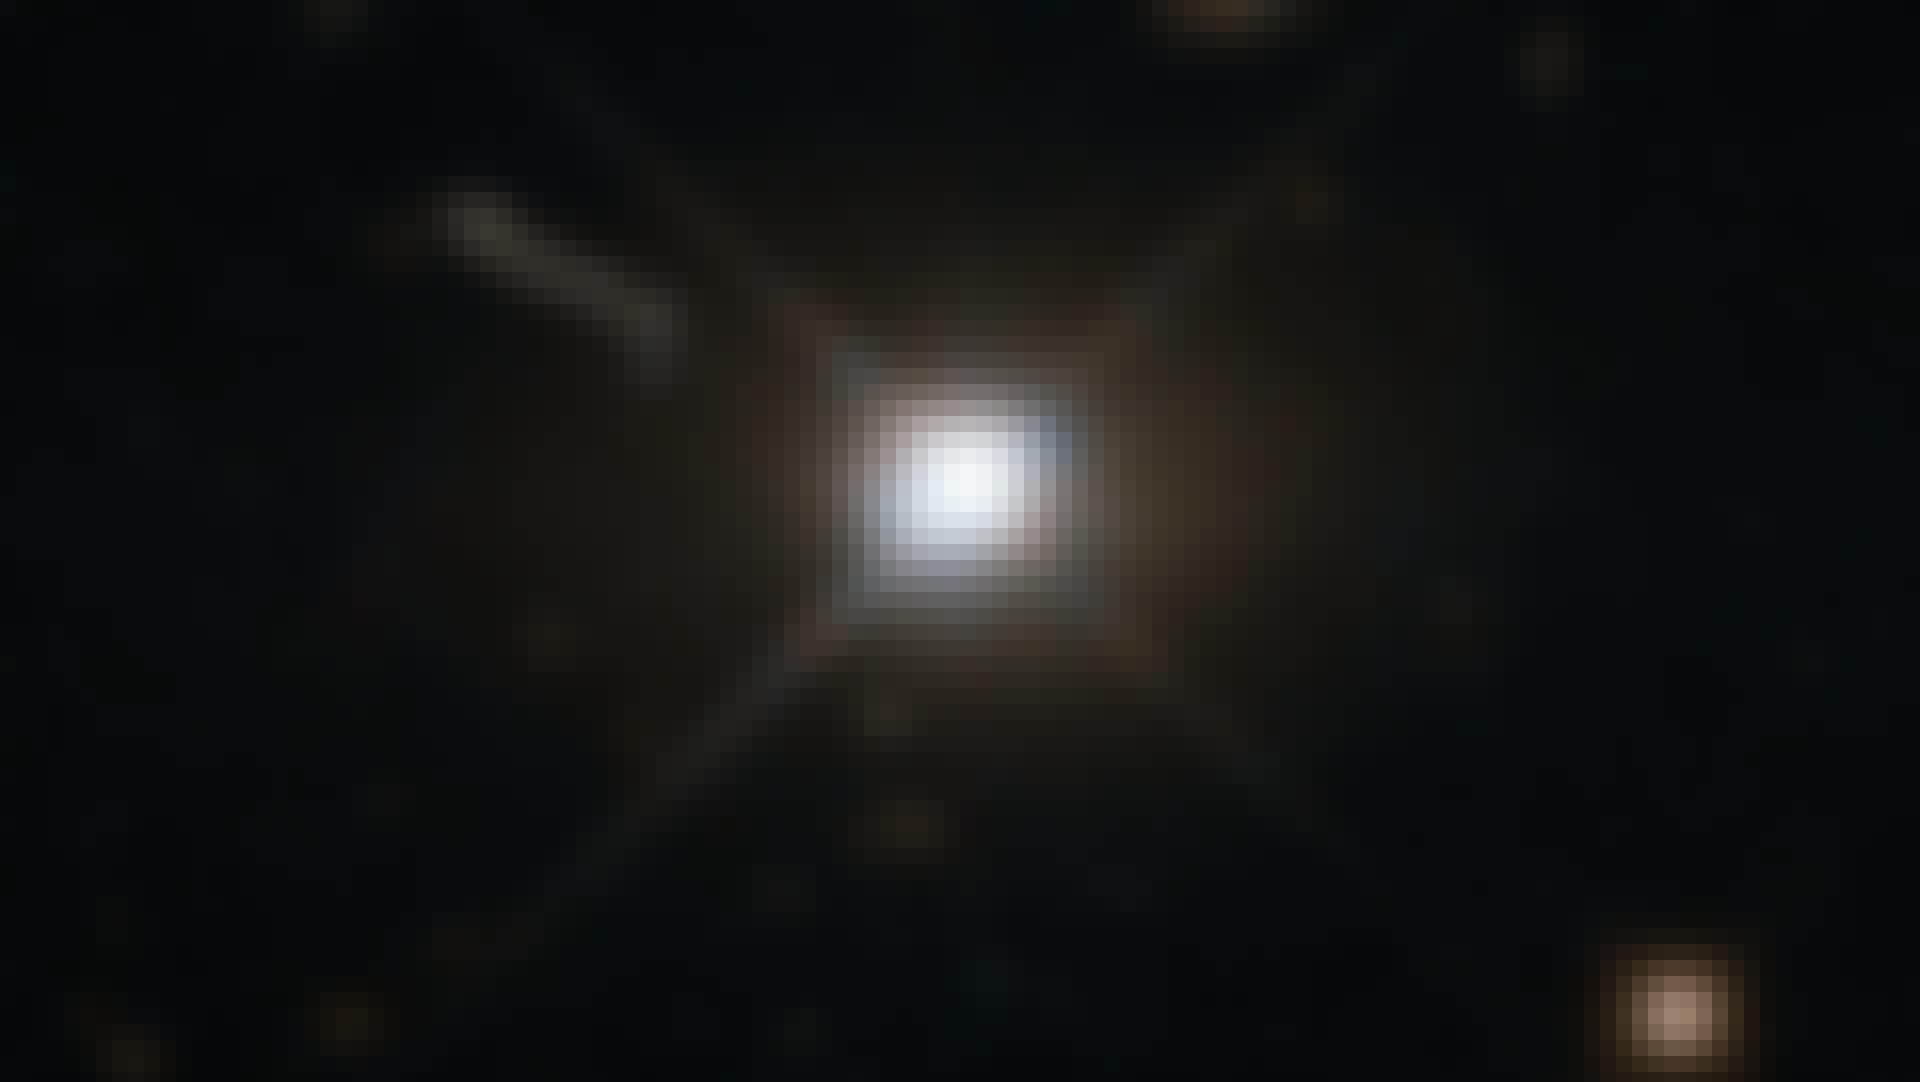 Kvasar